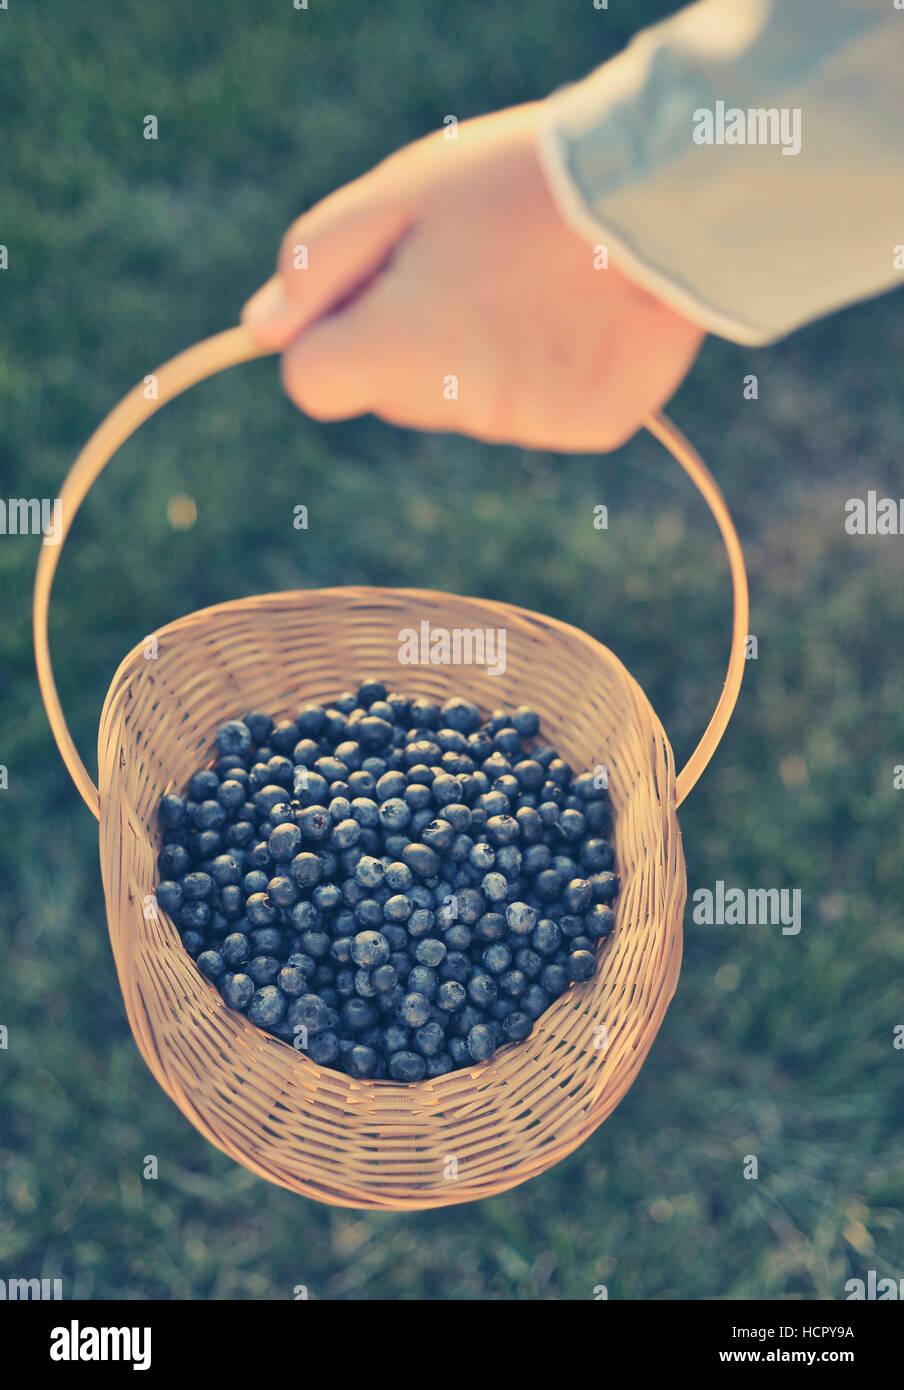 Blueberry basket - Stock Image